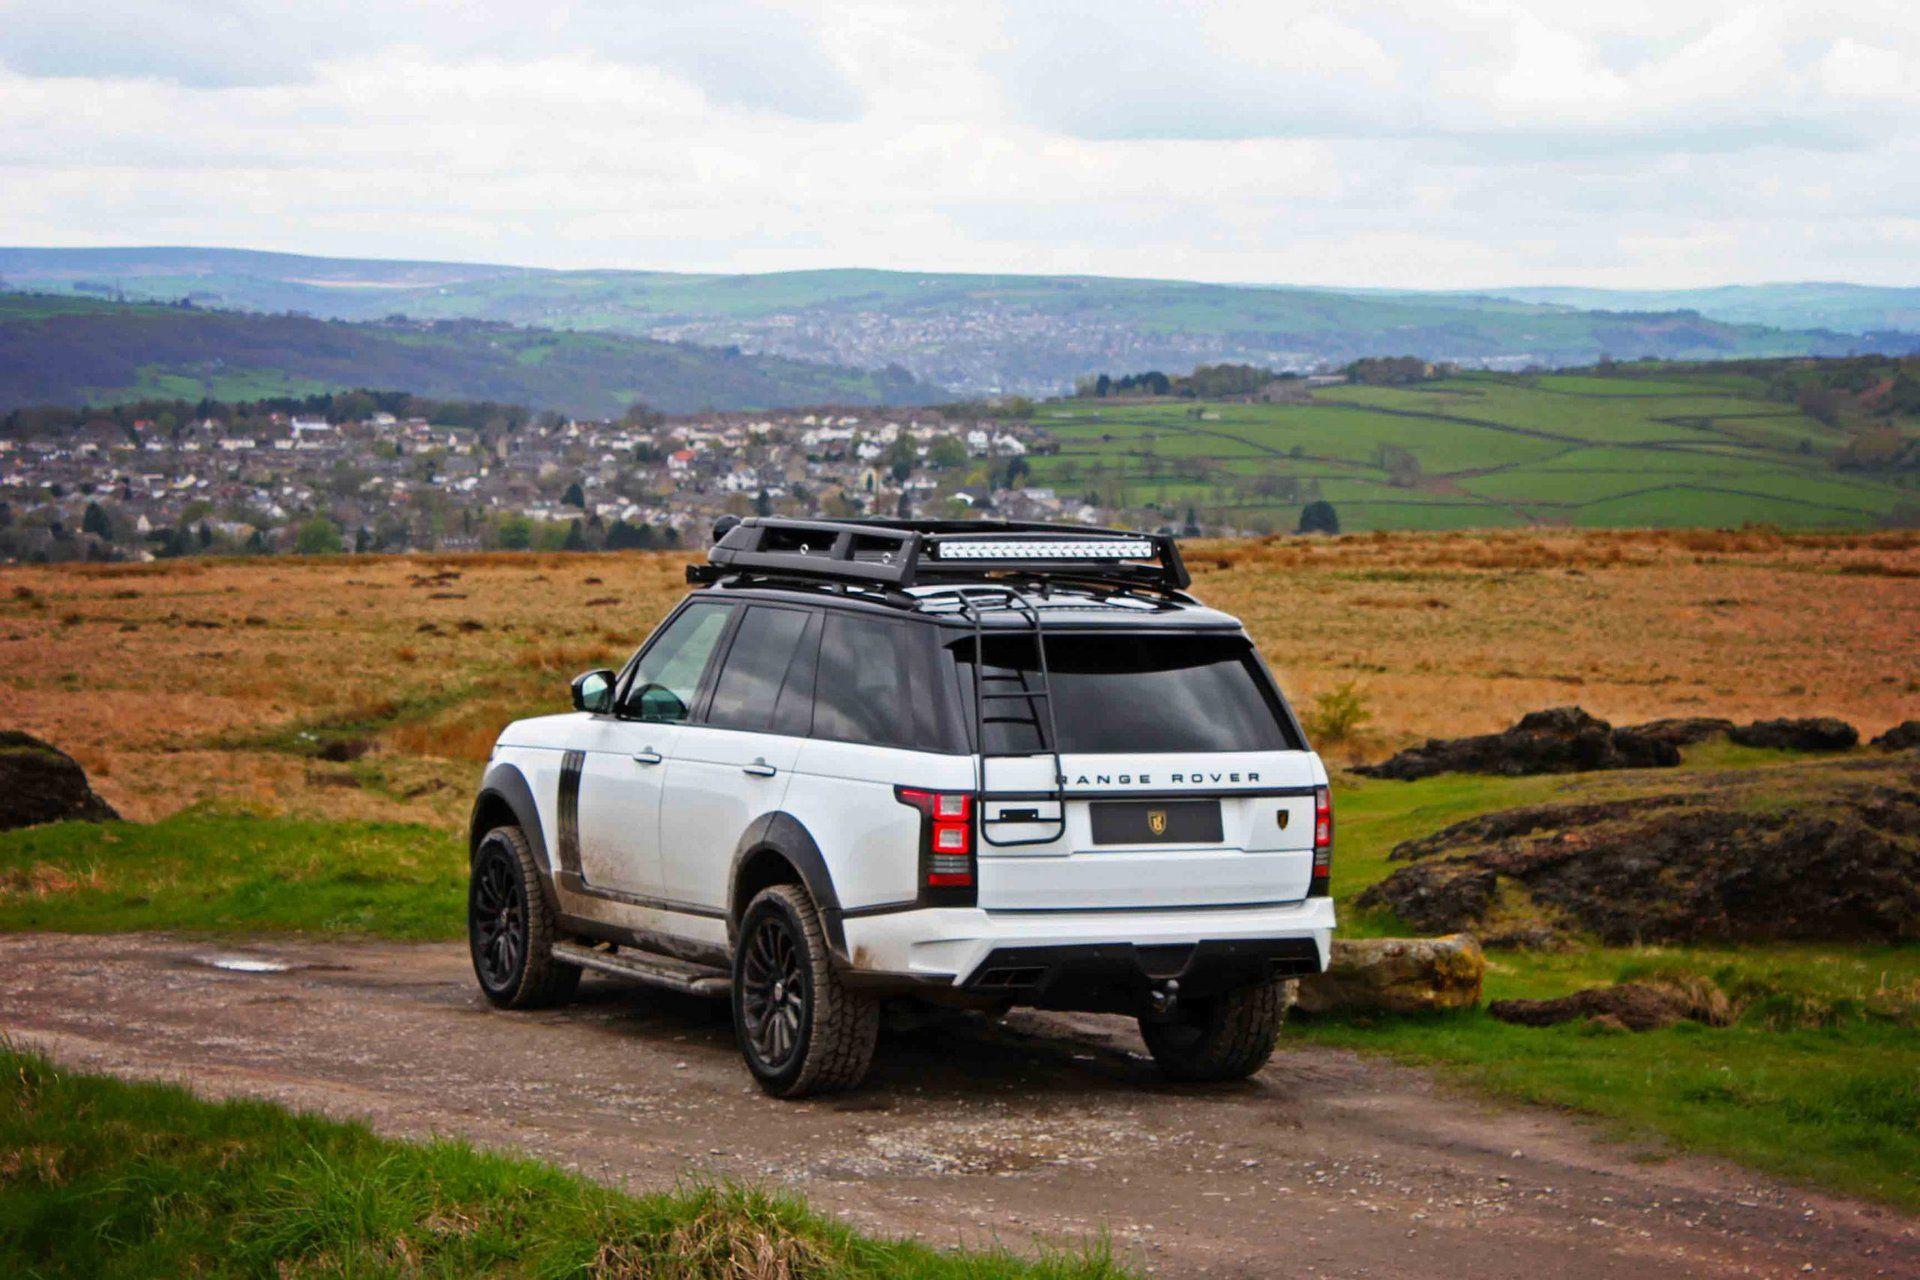 Pin By Eddie Allen On Cars Range Rover Range Rover Sport Land Rover